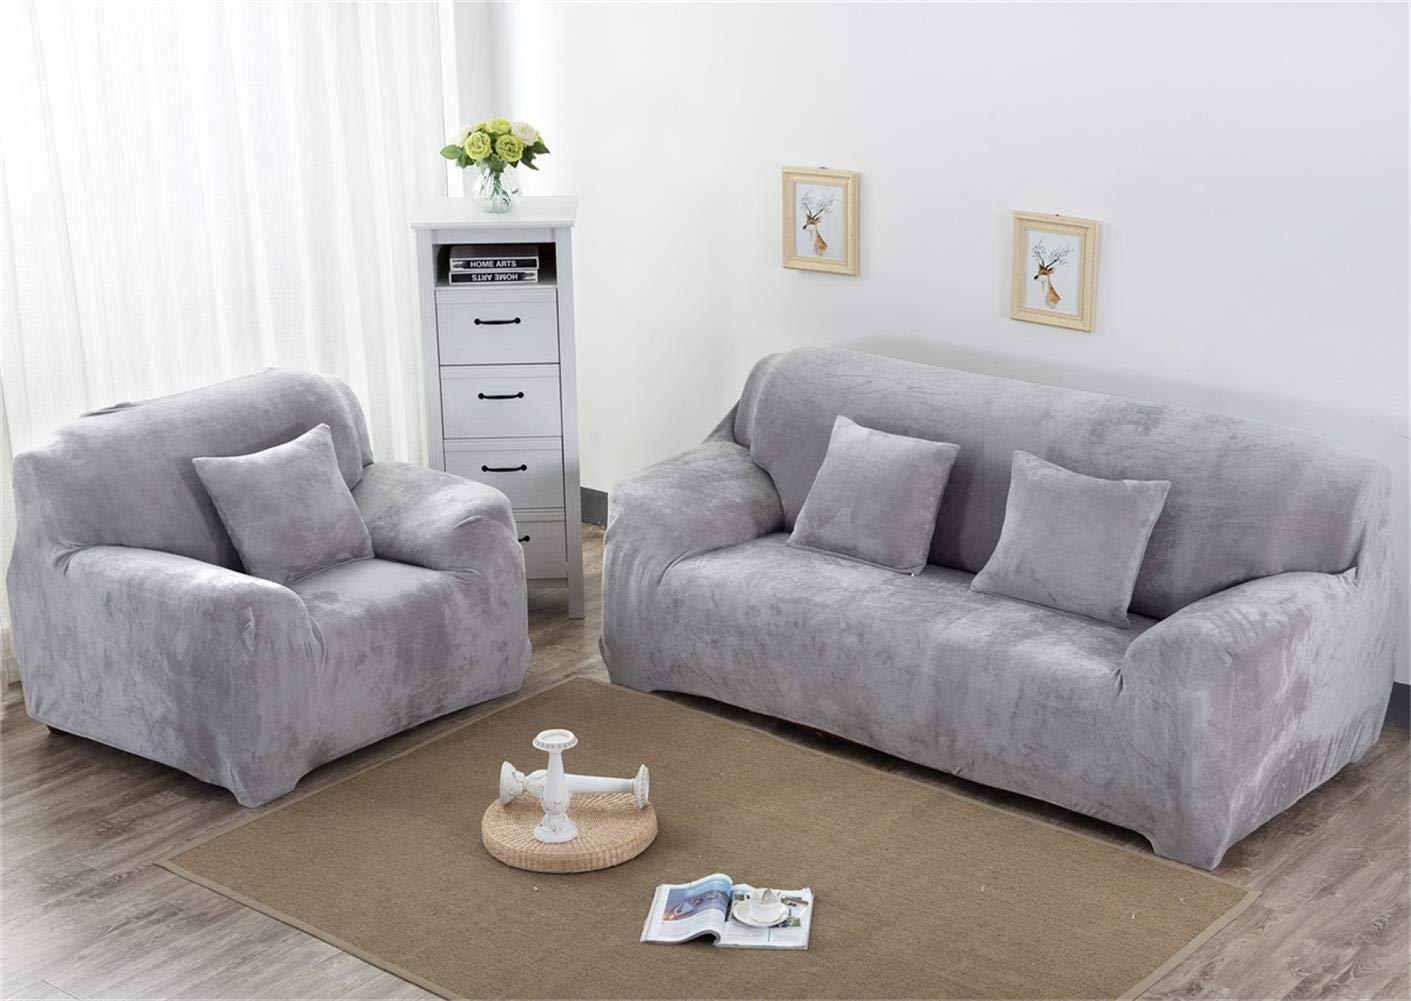 Aisaving Funda de sofá Gruesa de Terciopelo 1 2 3 4 plazas Funda de sofá elástica Antideslizante para Silla de Paseo o sofá, Gris Claro, 4 ...